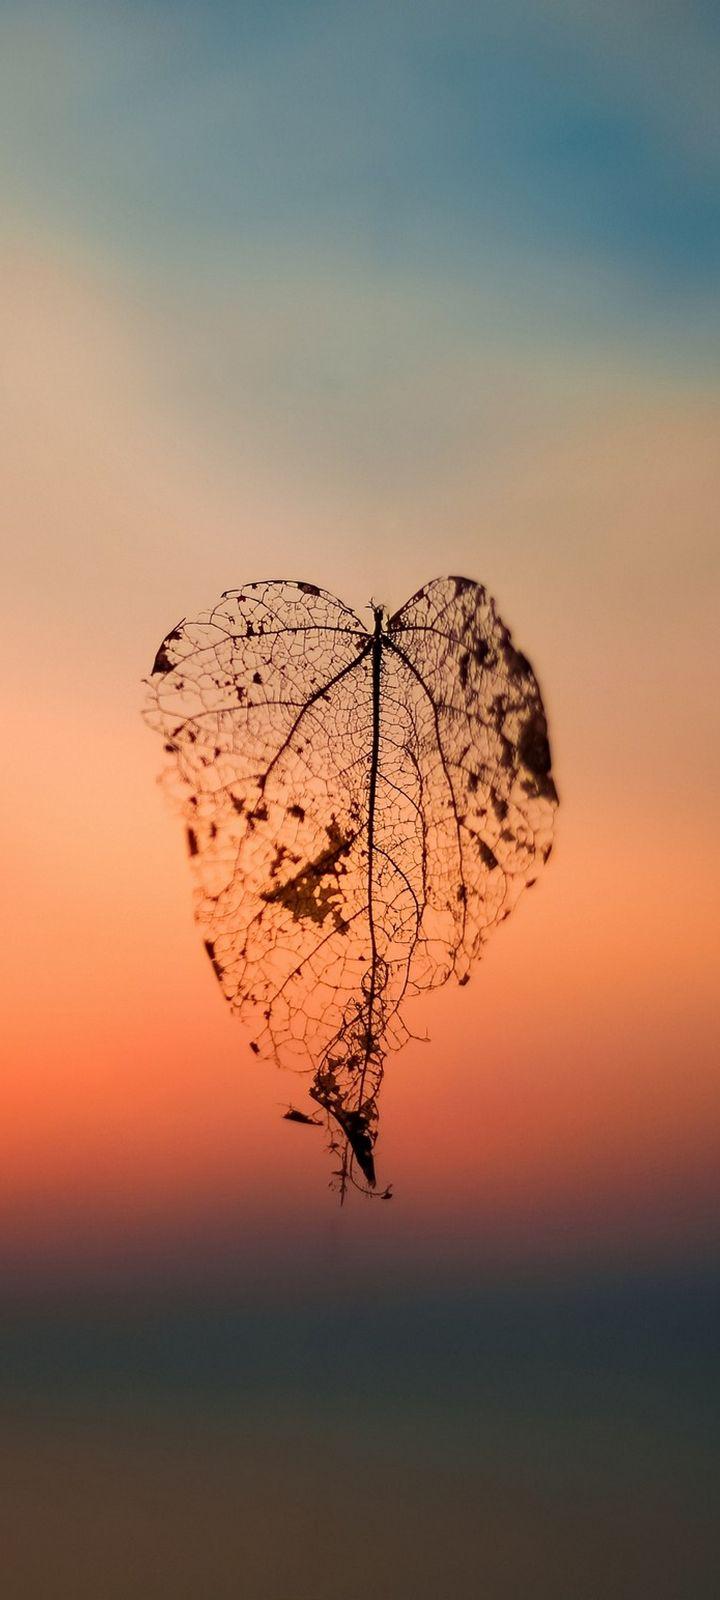 Leaf Autumn Blur Wallpaper 720x1600